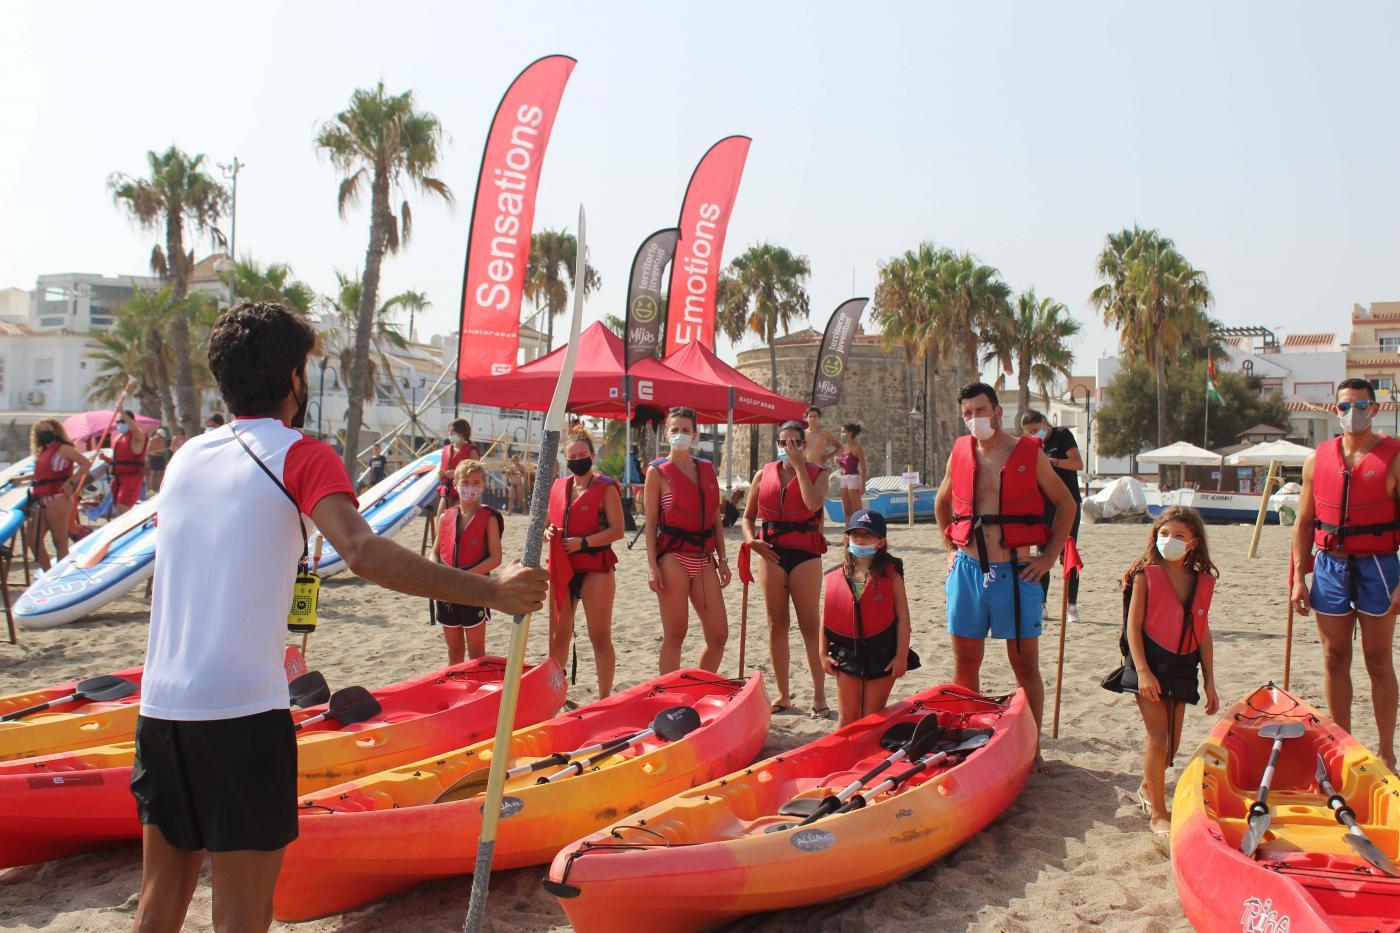 Las tardes de paddle surf y kayaks, un plan perfecto para divertirse y sobrellevar la ola